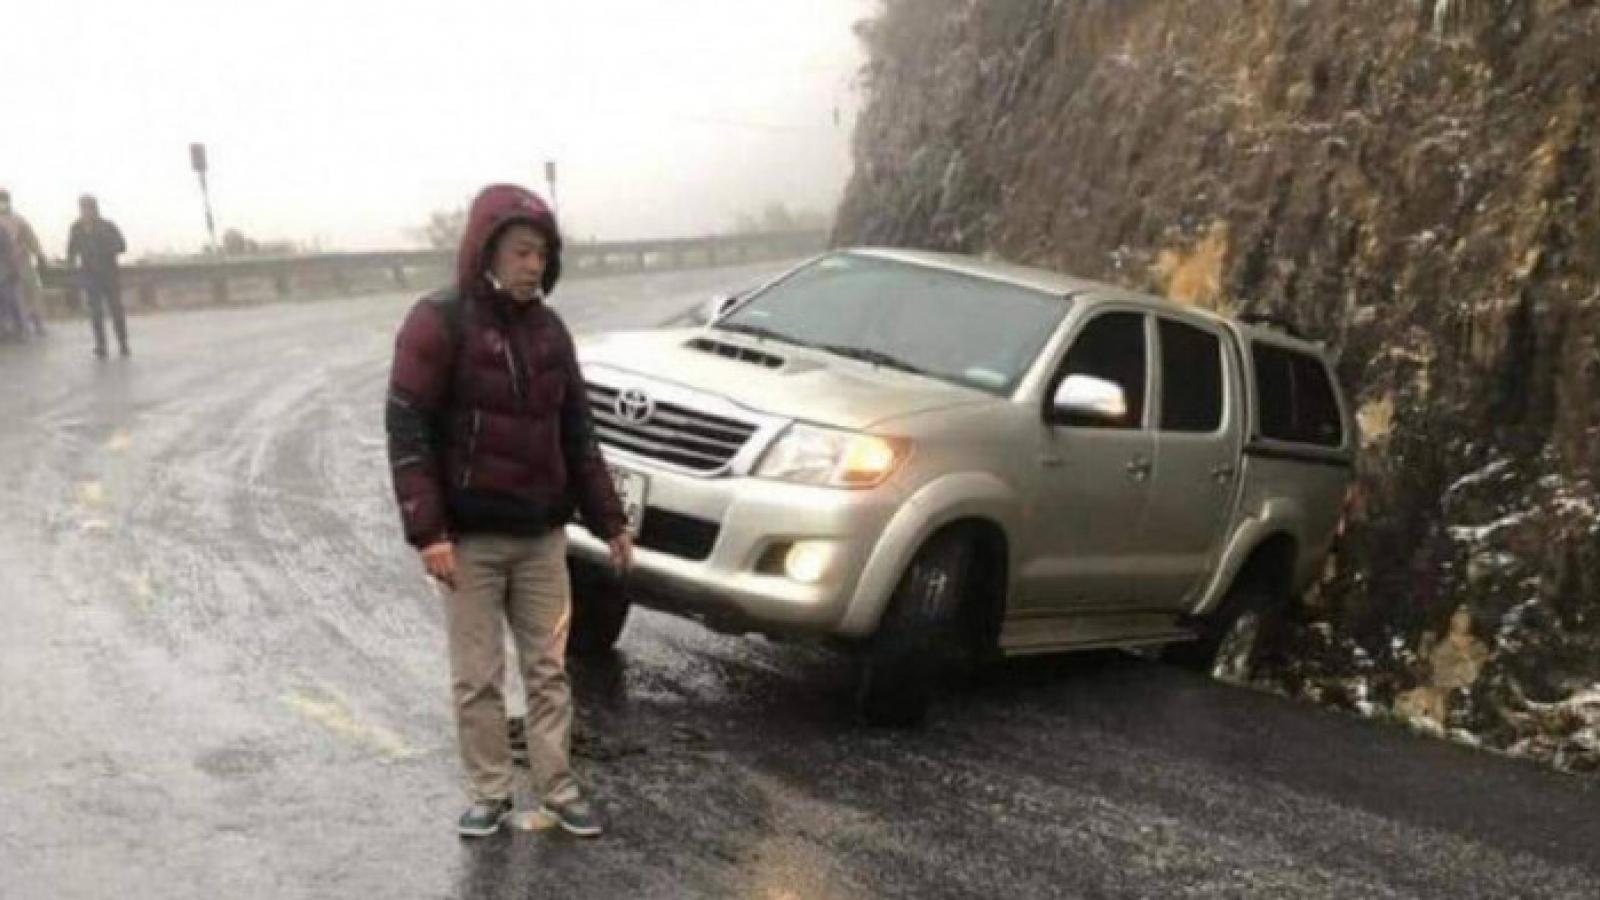 Bảo đảm giao thông trên những cung đường miền núi khi băng tuyết xuất hiện